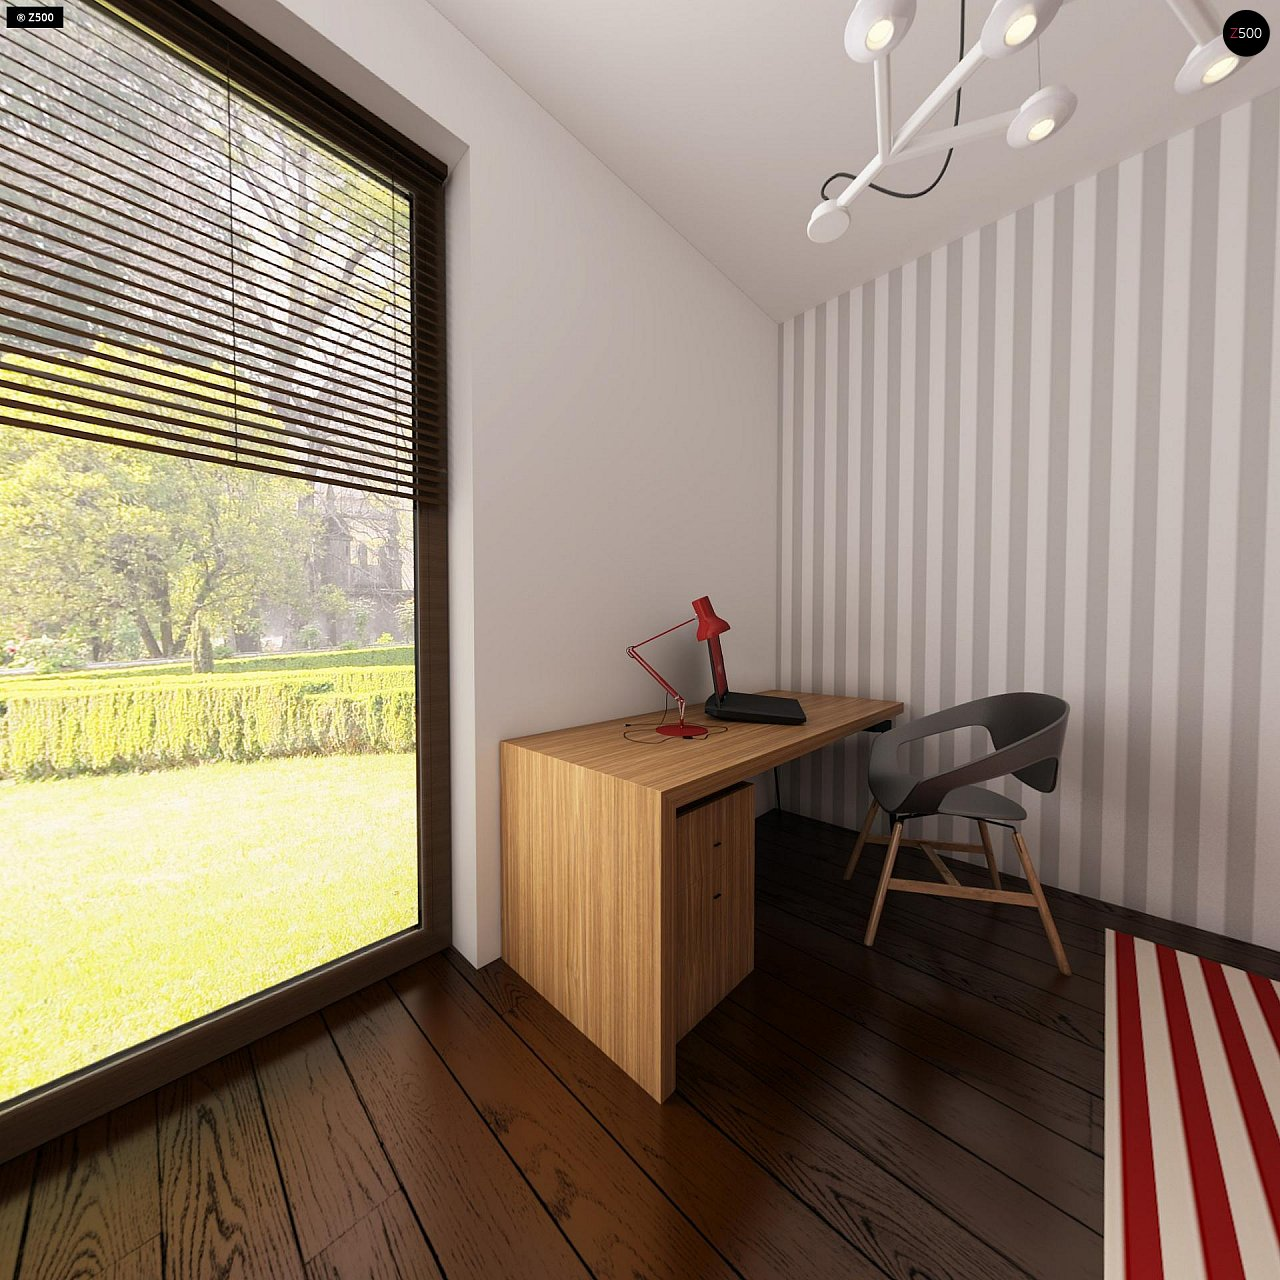 Проект небольшого практичного одноэтажного дома. Есть возможность обустройства чердачного помещения. 20